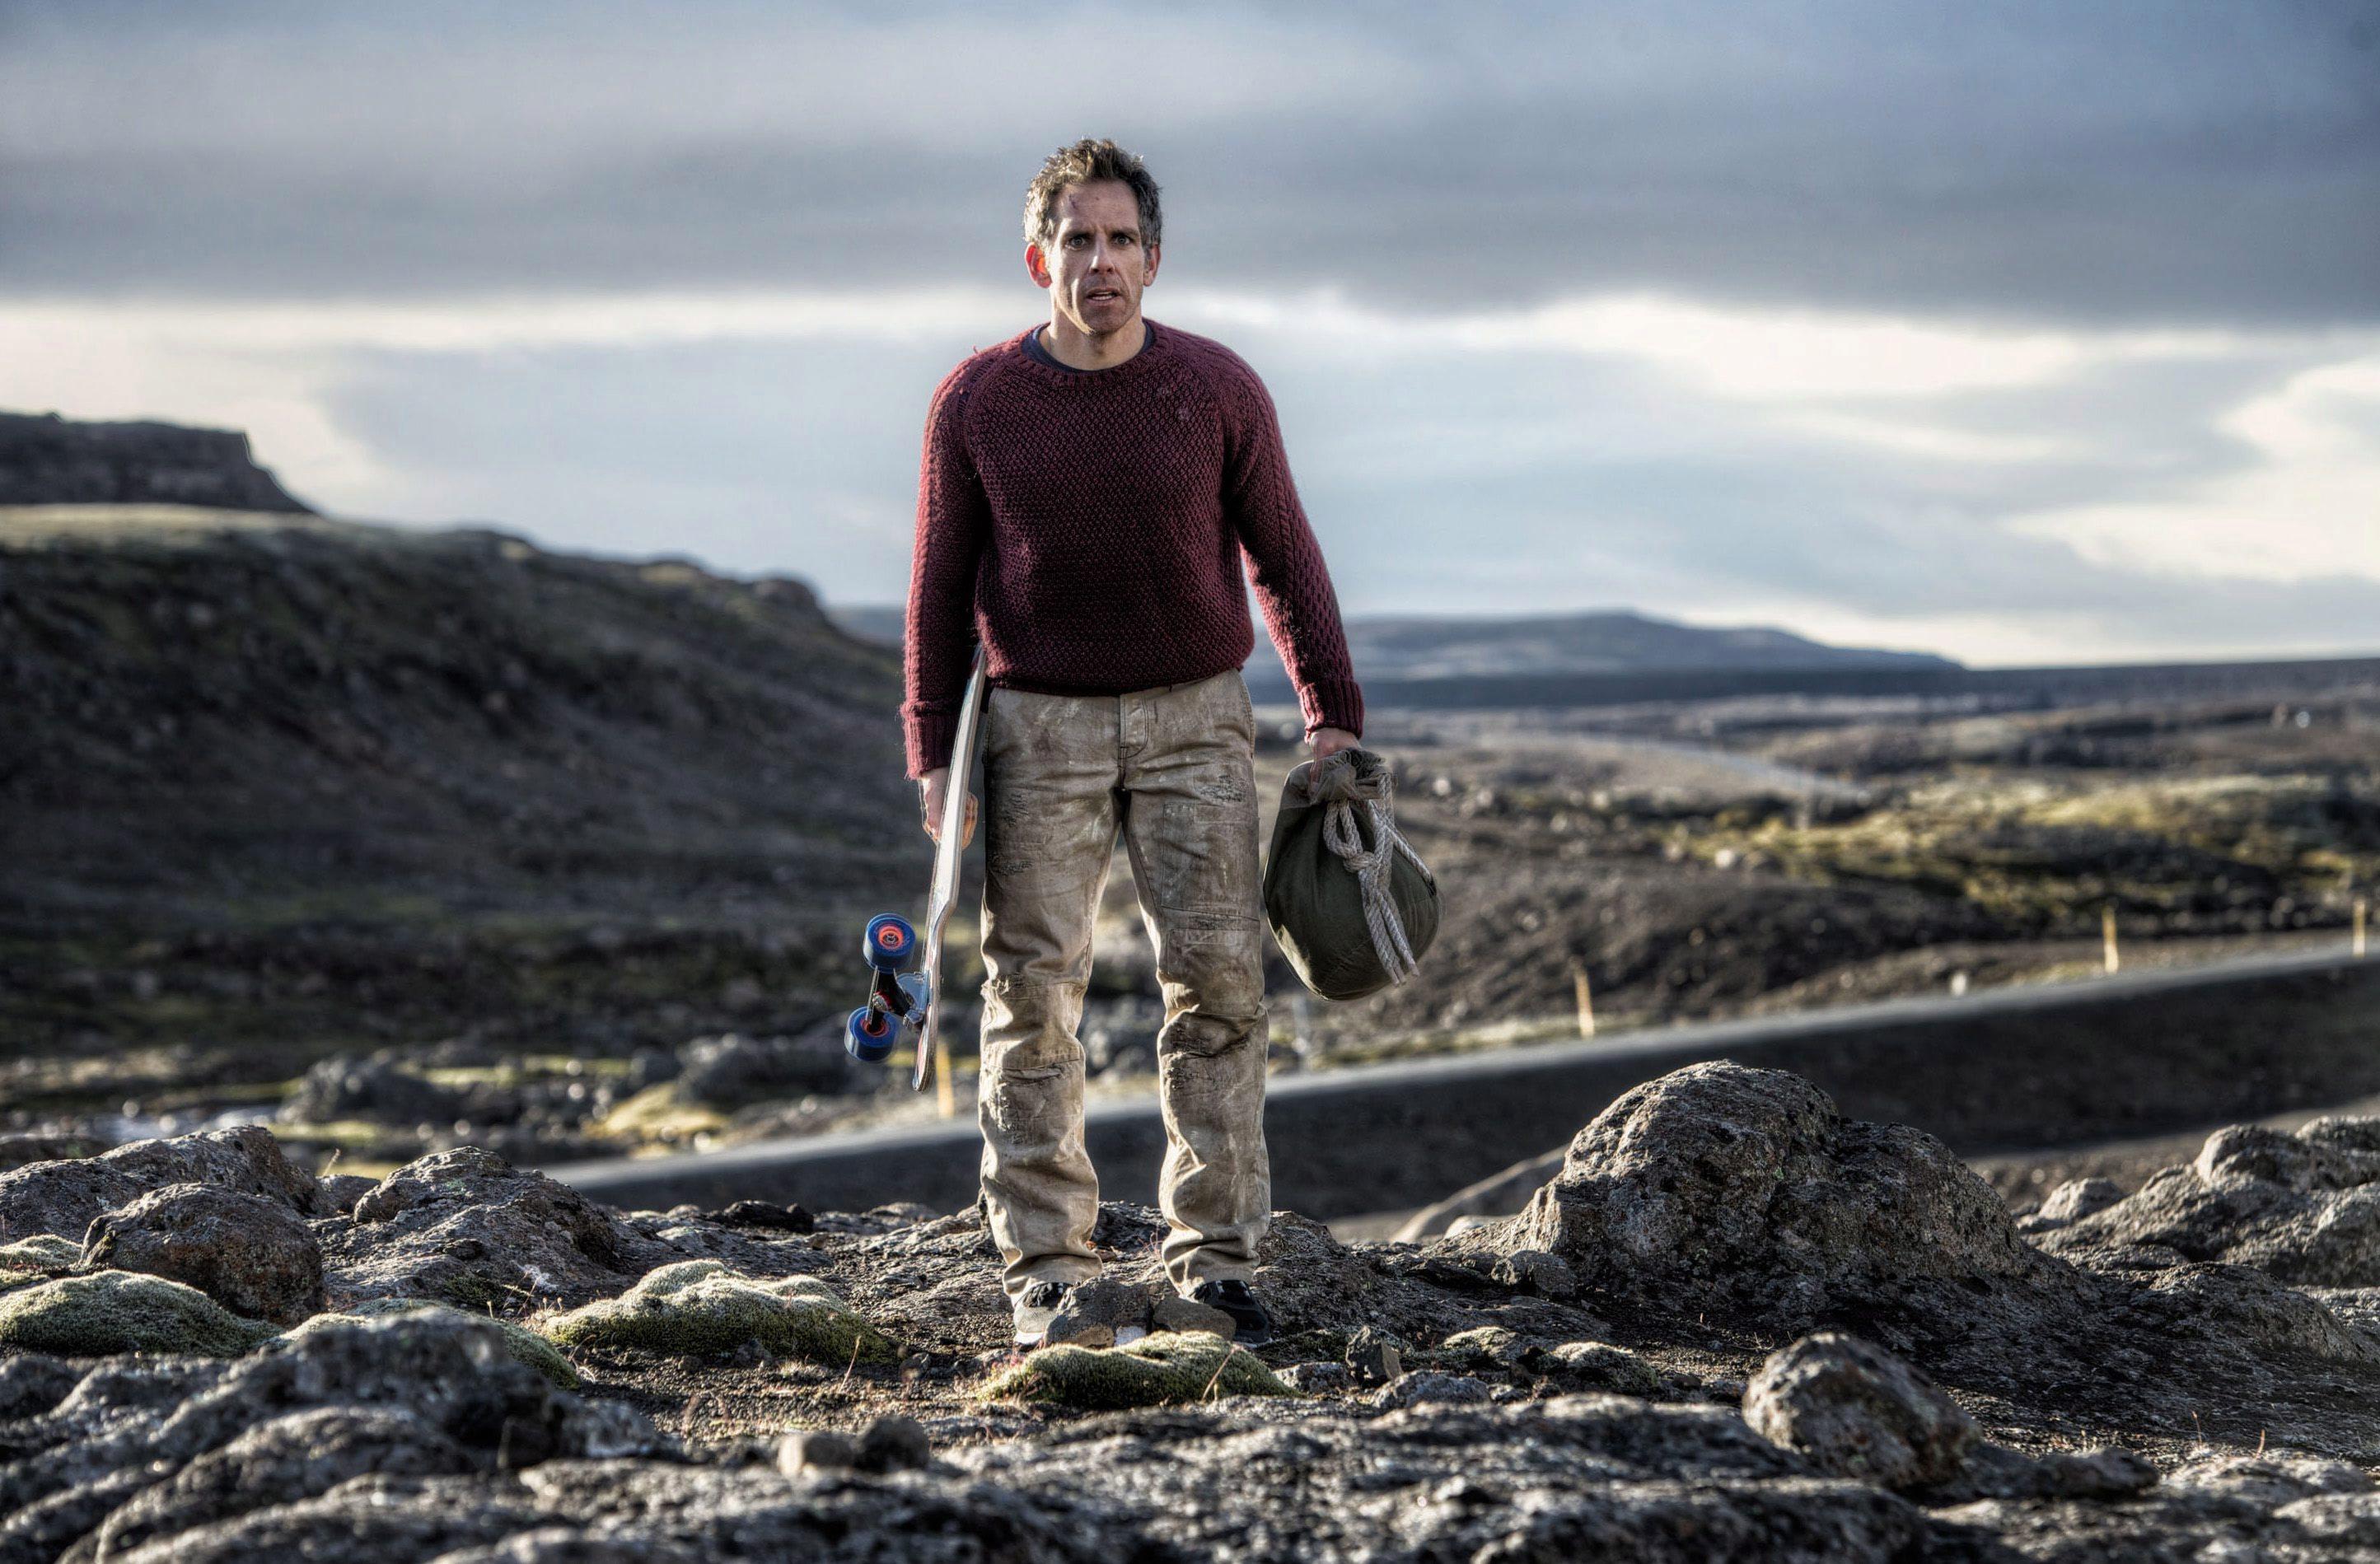 La Vie rêvée de Walter Mitty : Pourquoi Ben Stiller a-t-il choisi l'Islande comme lieu de libération pour son héros ?